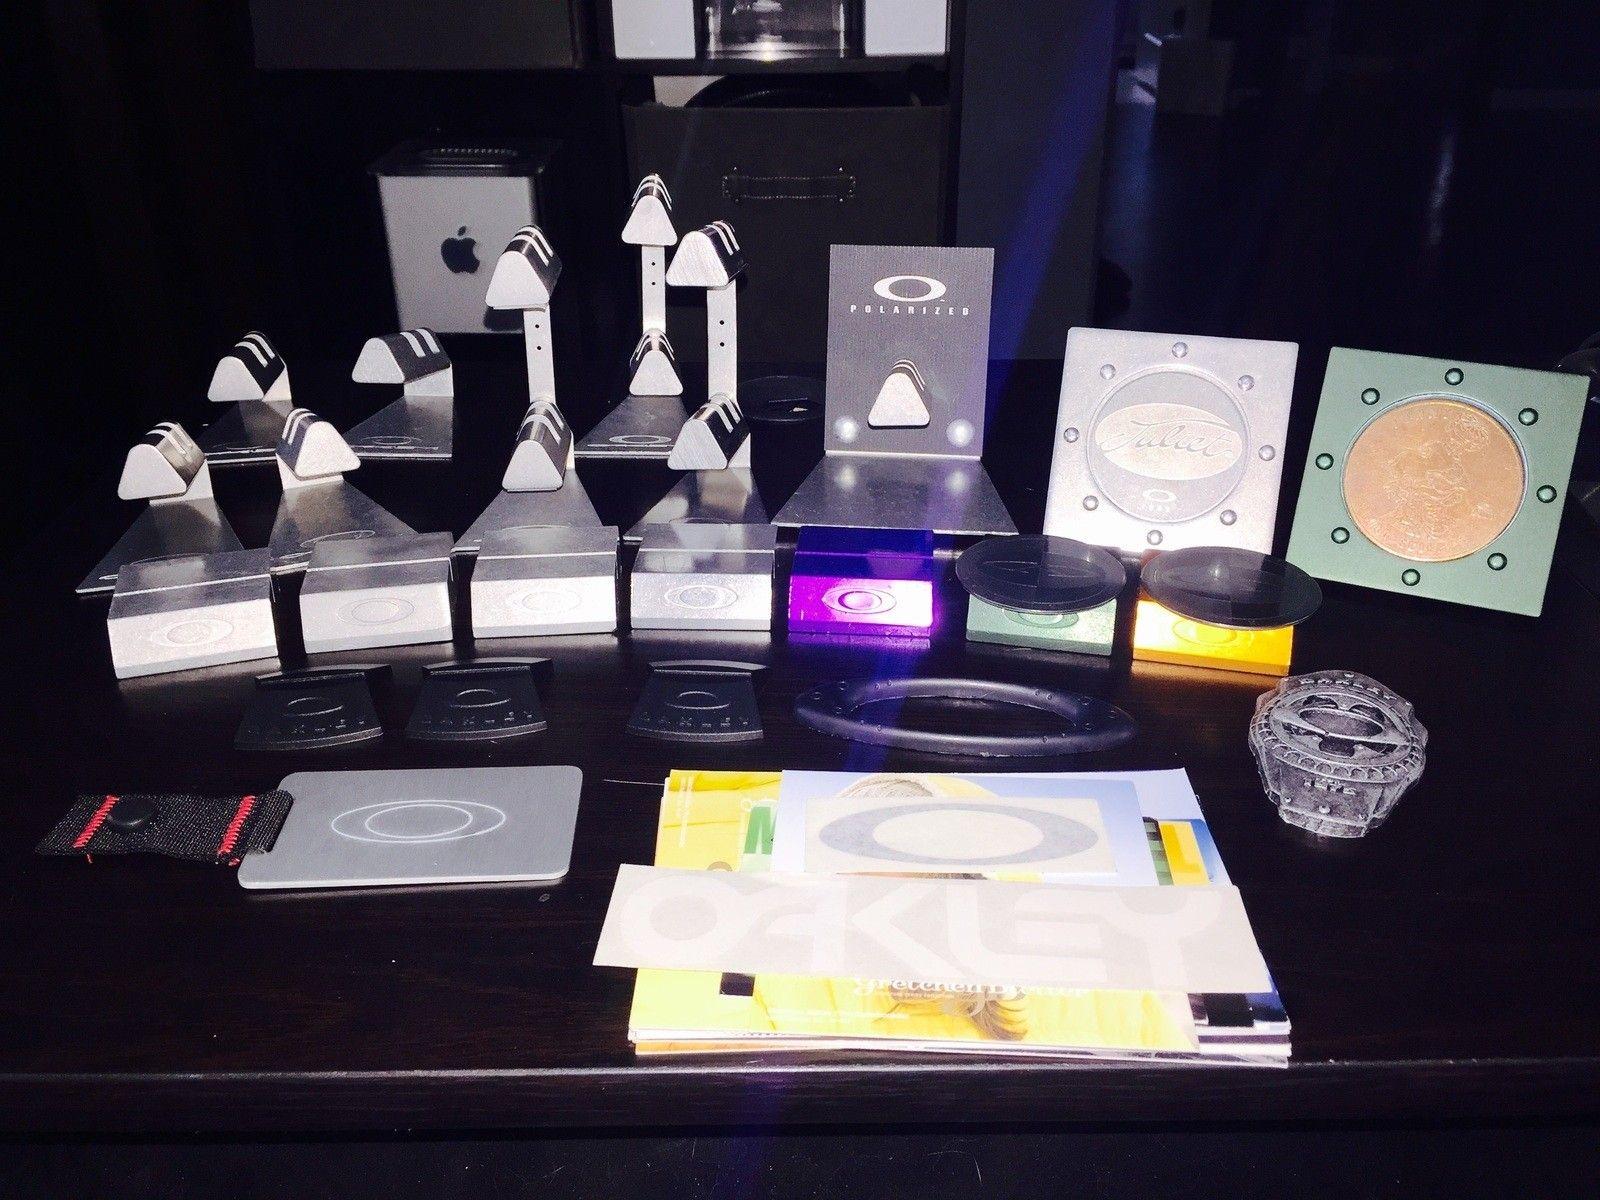 Some display goodies - image.jpg